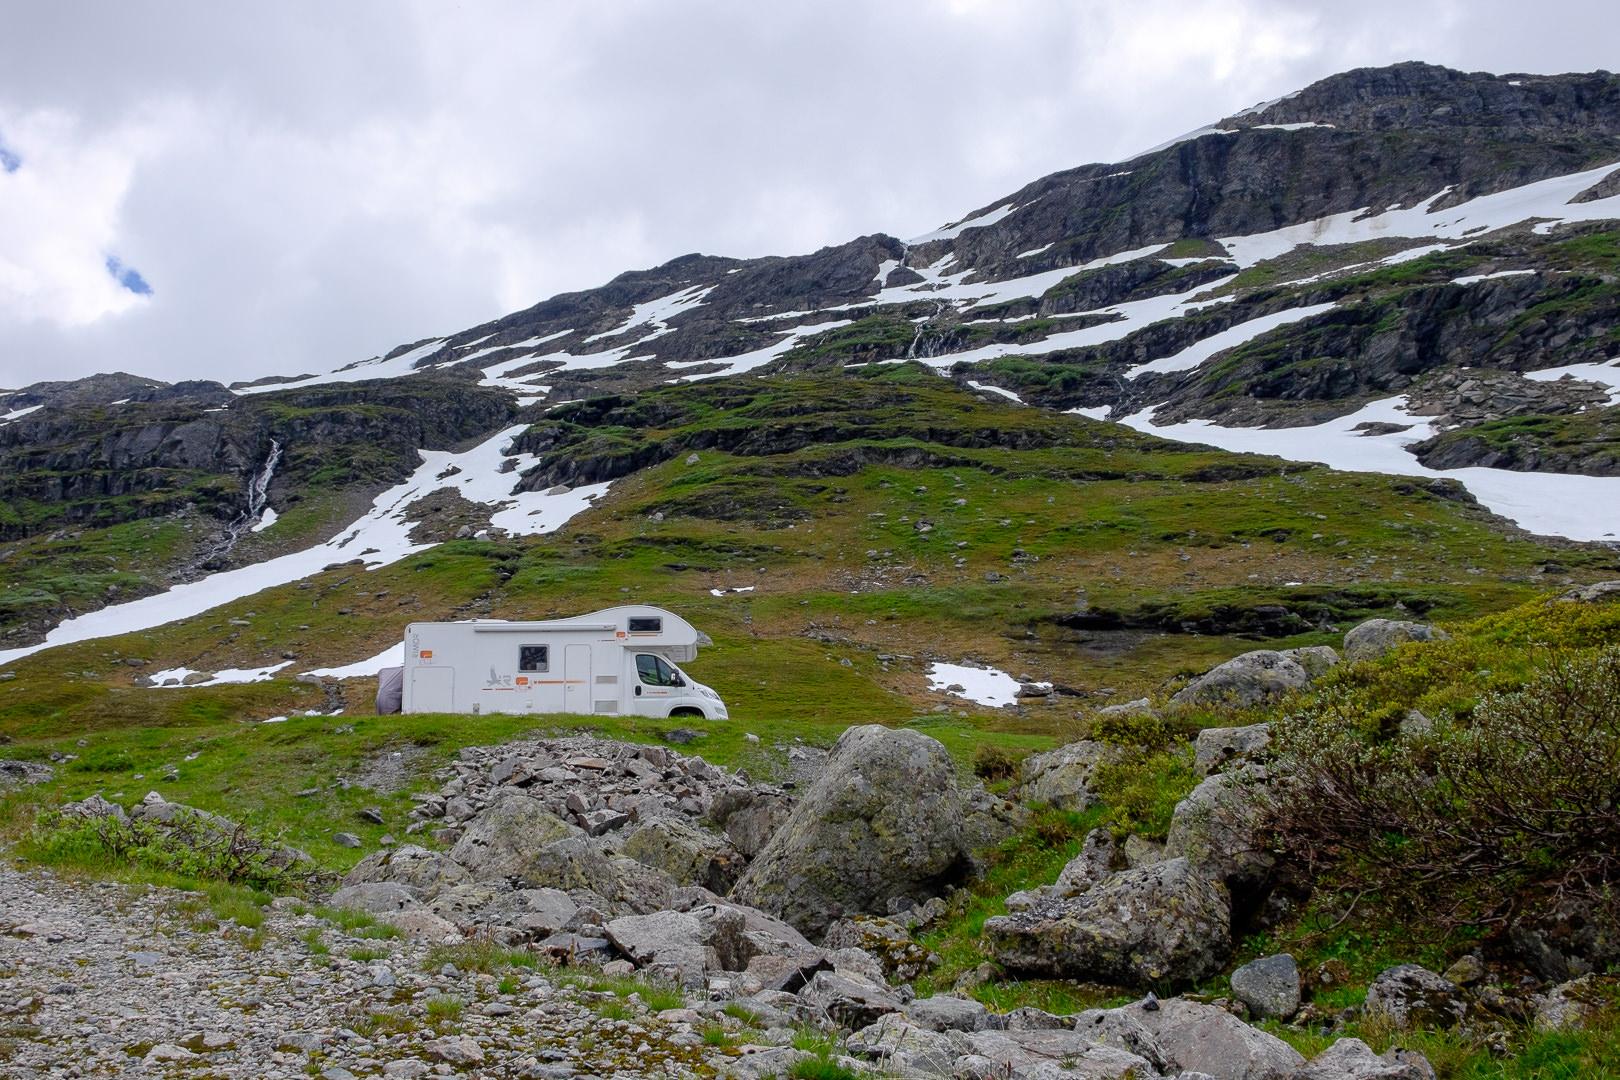 DSCF2426 Kamper czyli jak rodziła się nasza fascynacja Lato 2016 Norwegia